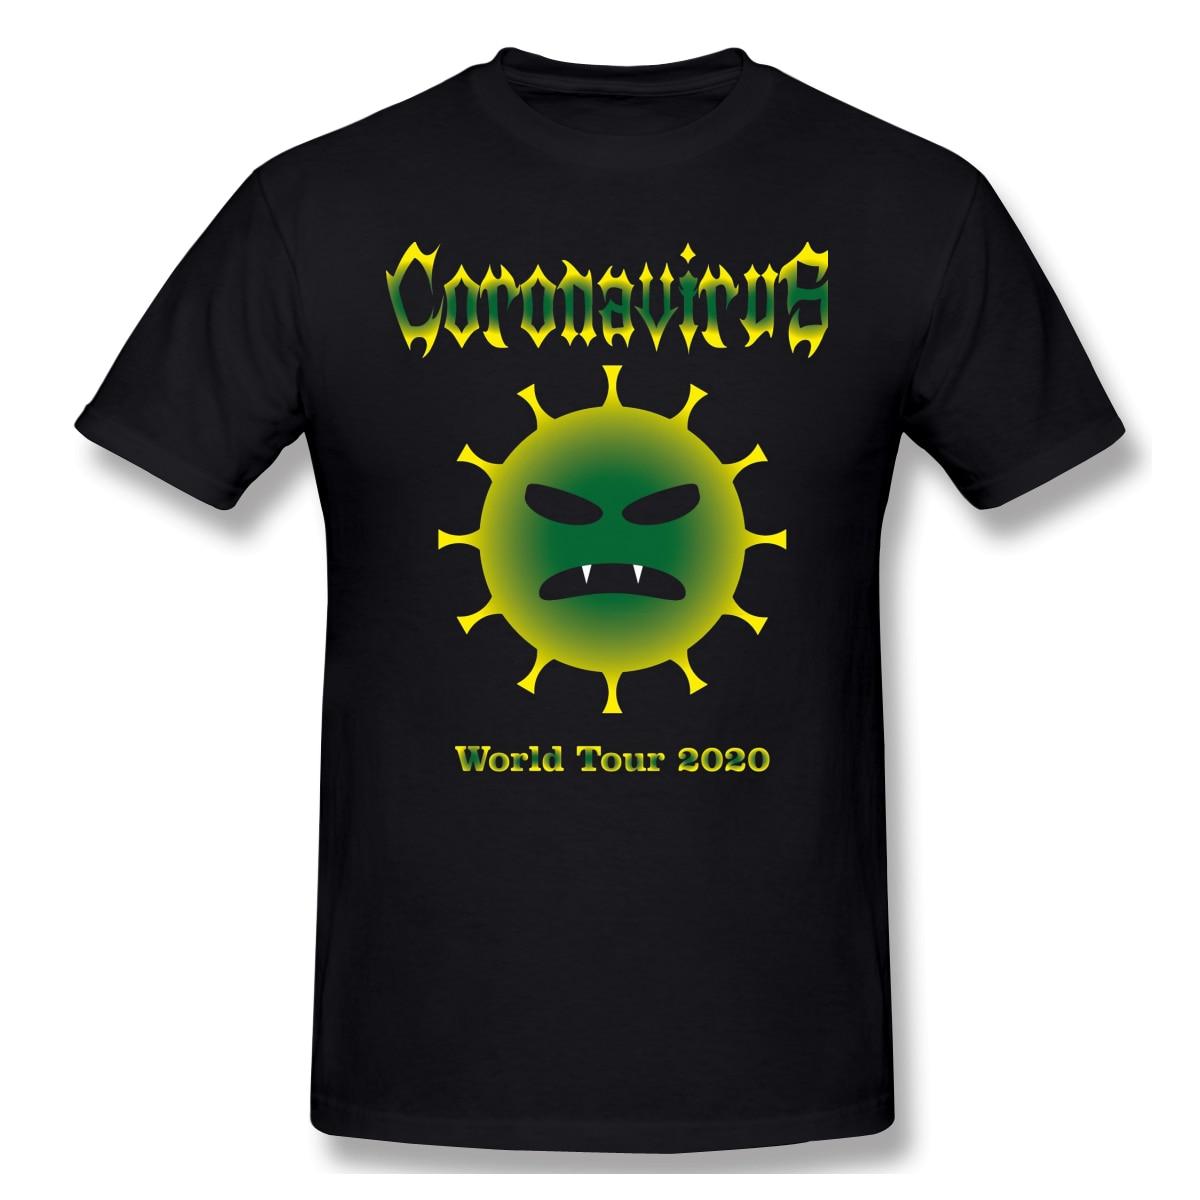 World Tour 2020 Premium T Shirts Summer Short Sleeve Cotton Fight Agaist 2019 Pandemic T-Shirt